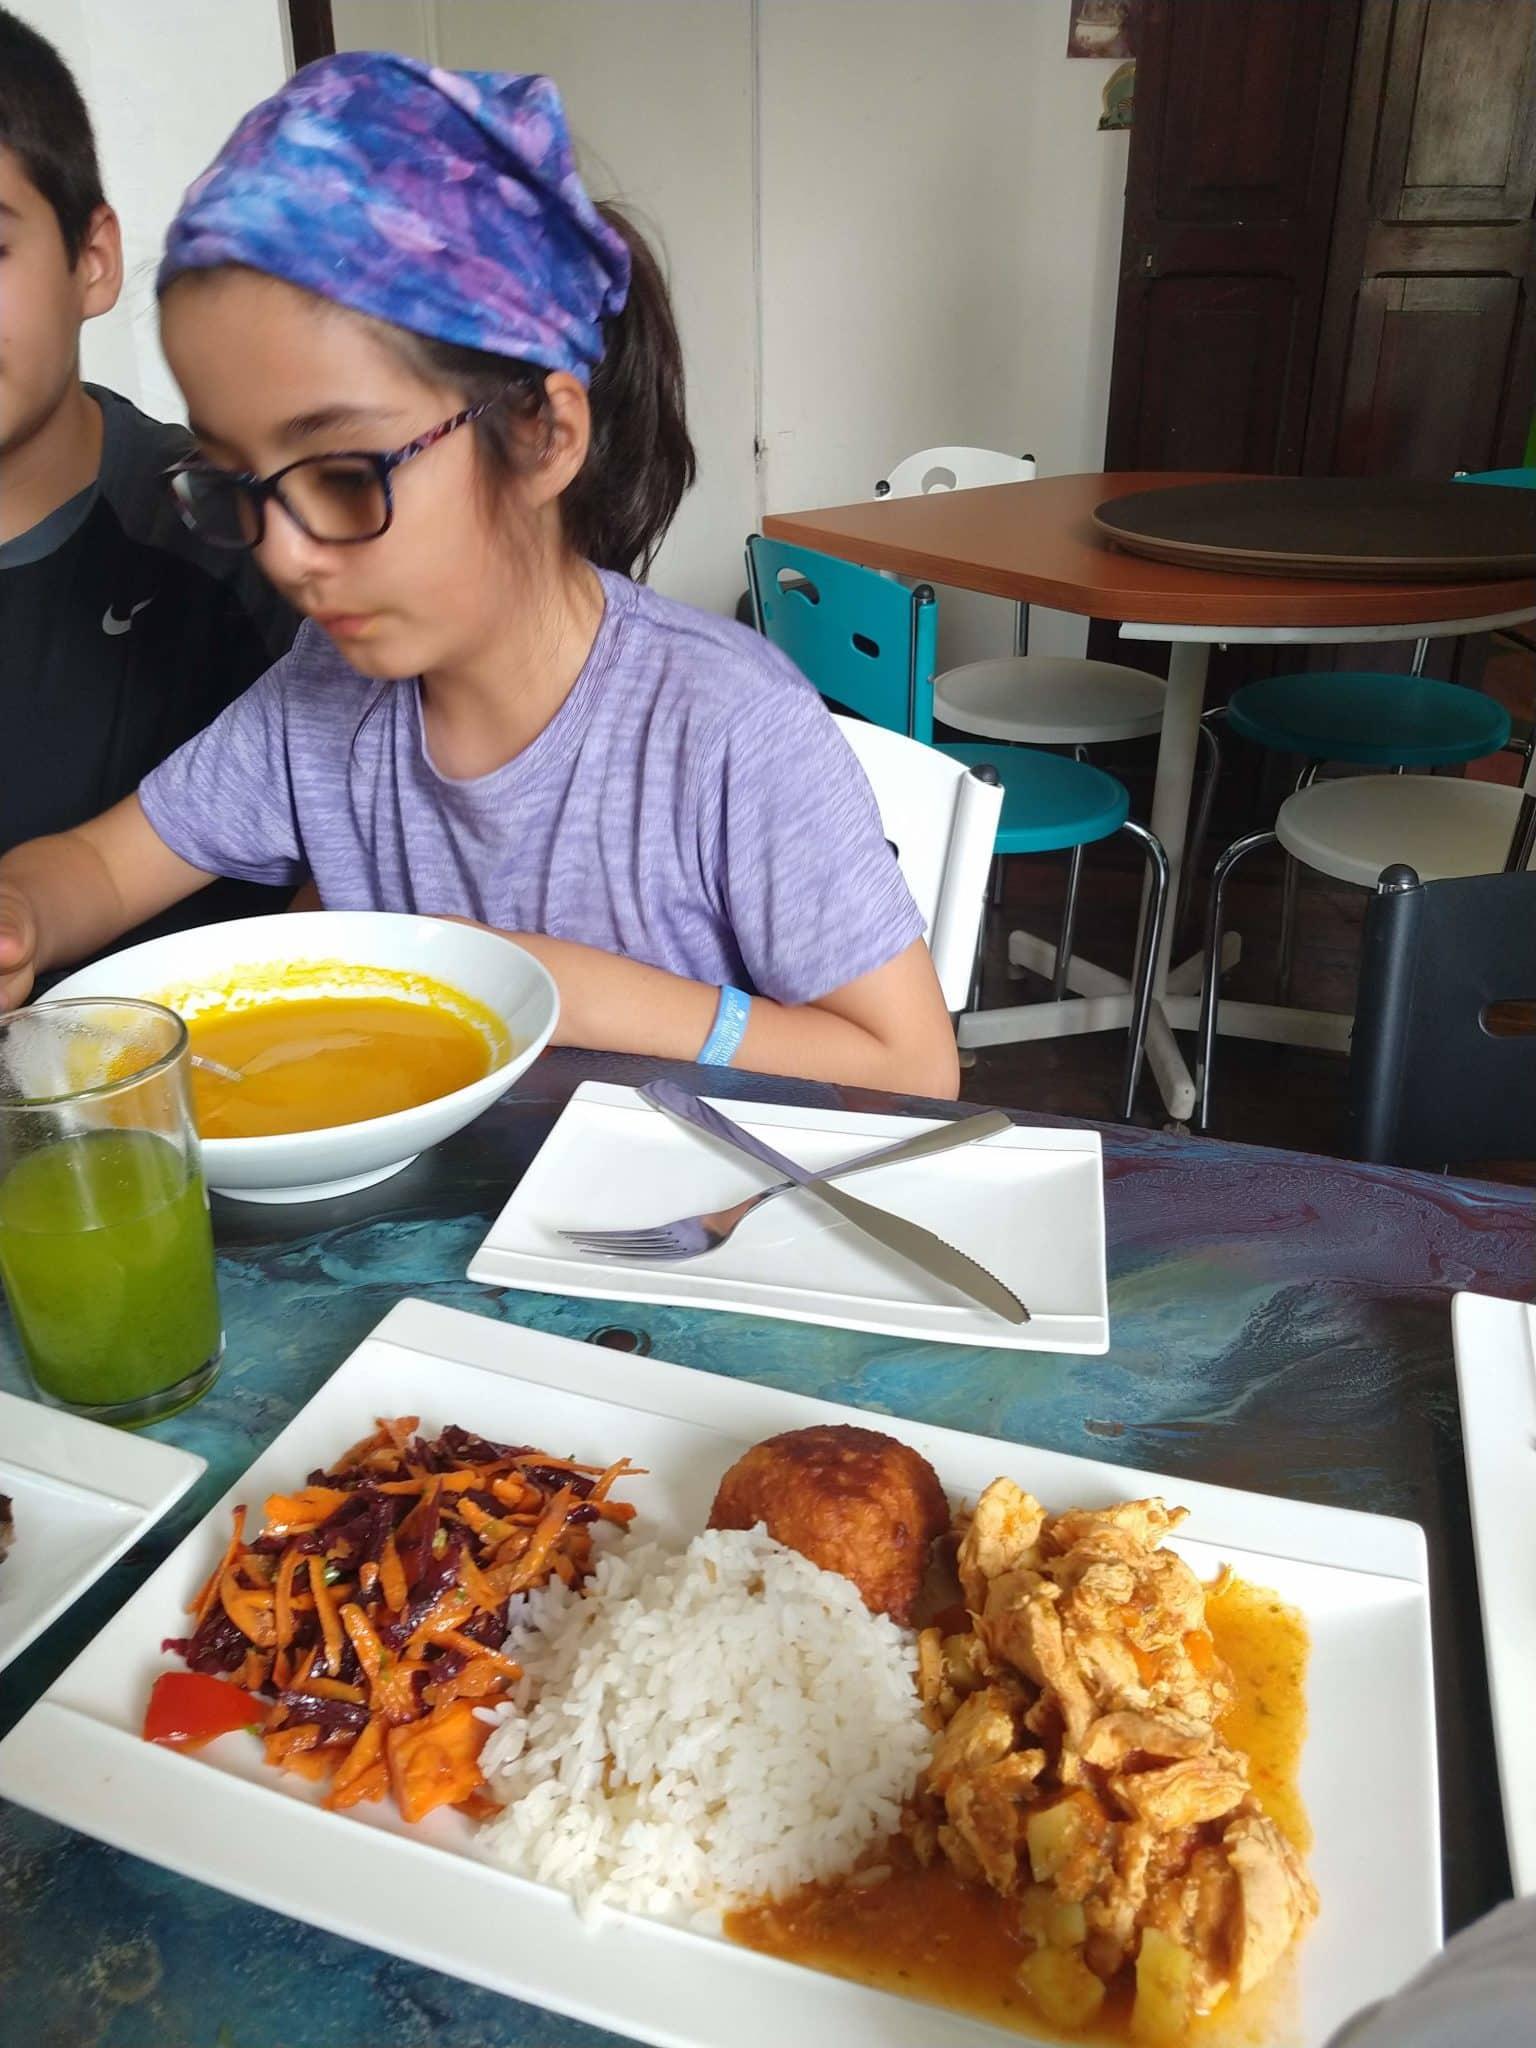 Chicken dinner at Lili a la Cartagena